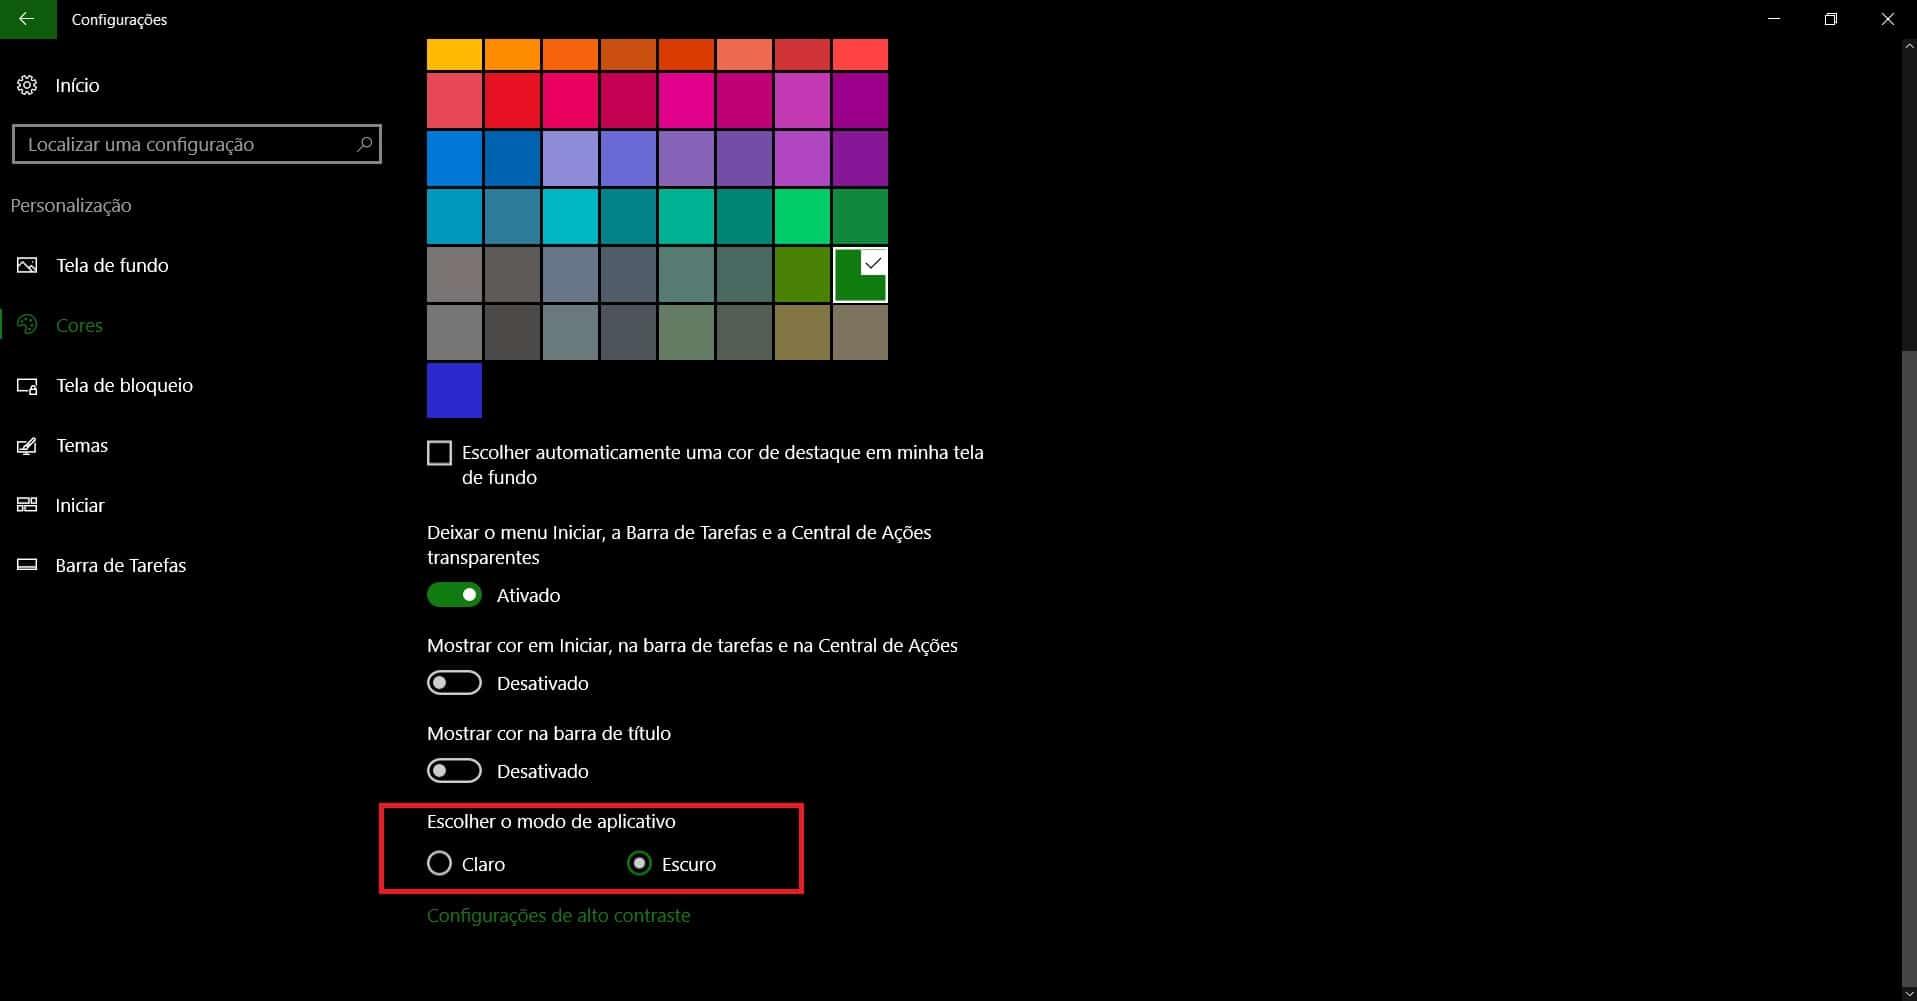 customizar-menu-iniciar-windows-10-escurecer